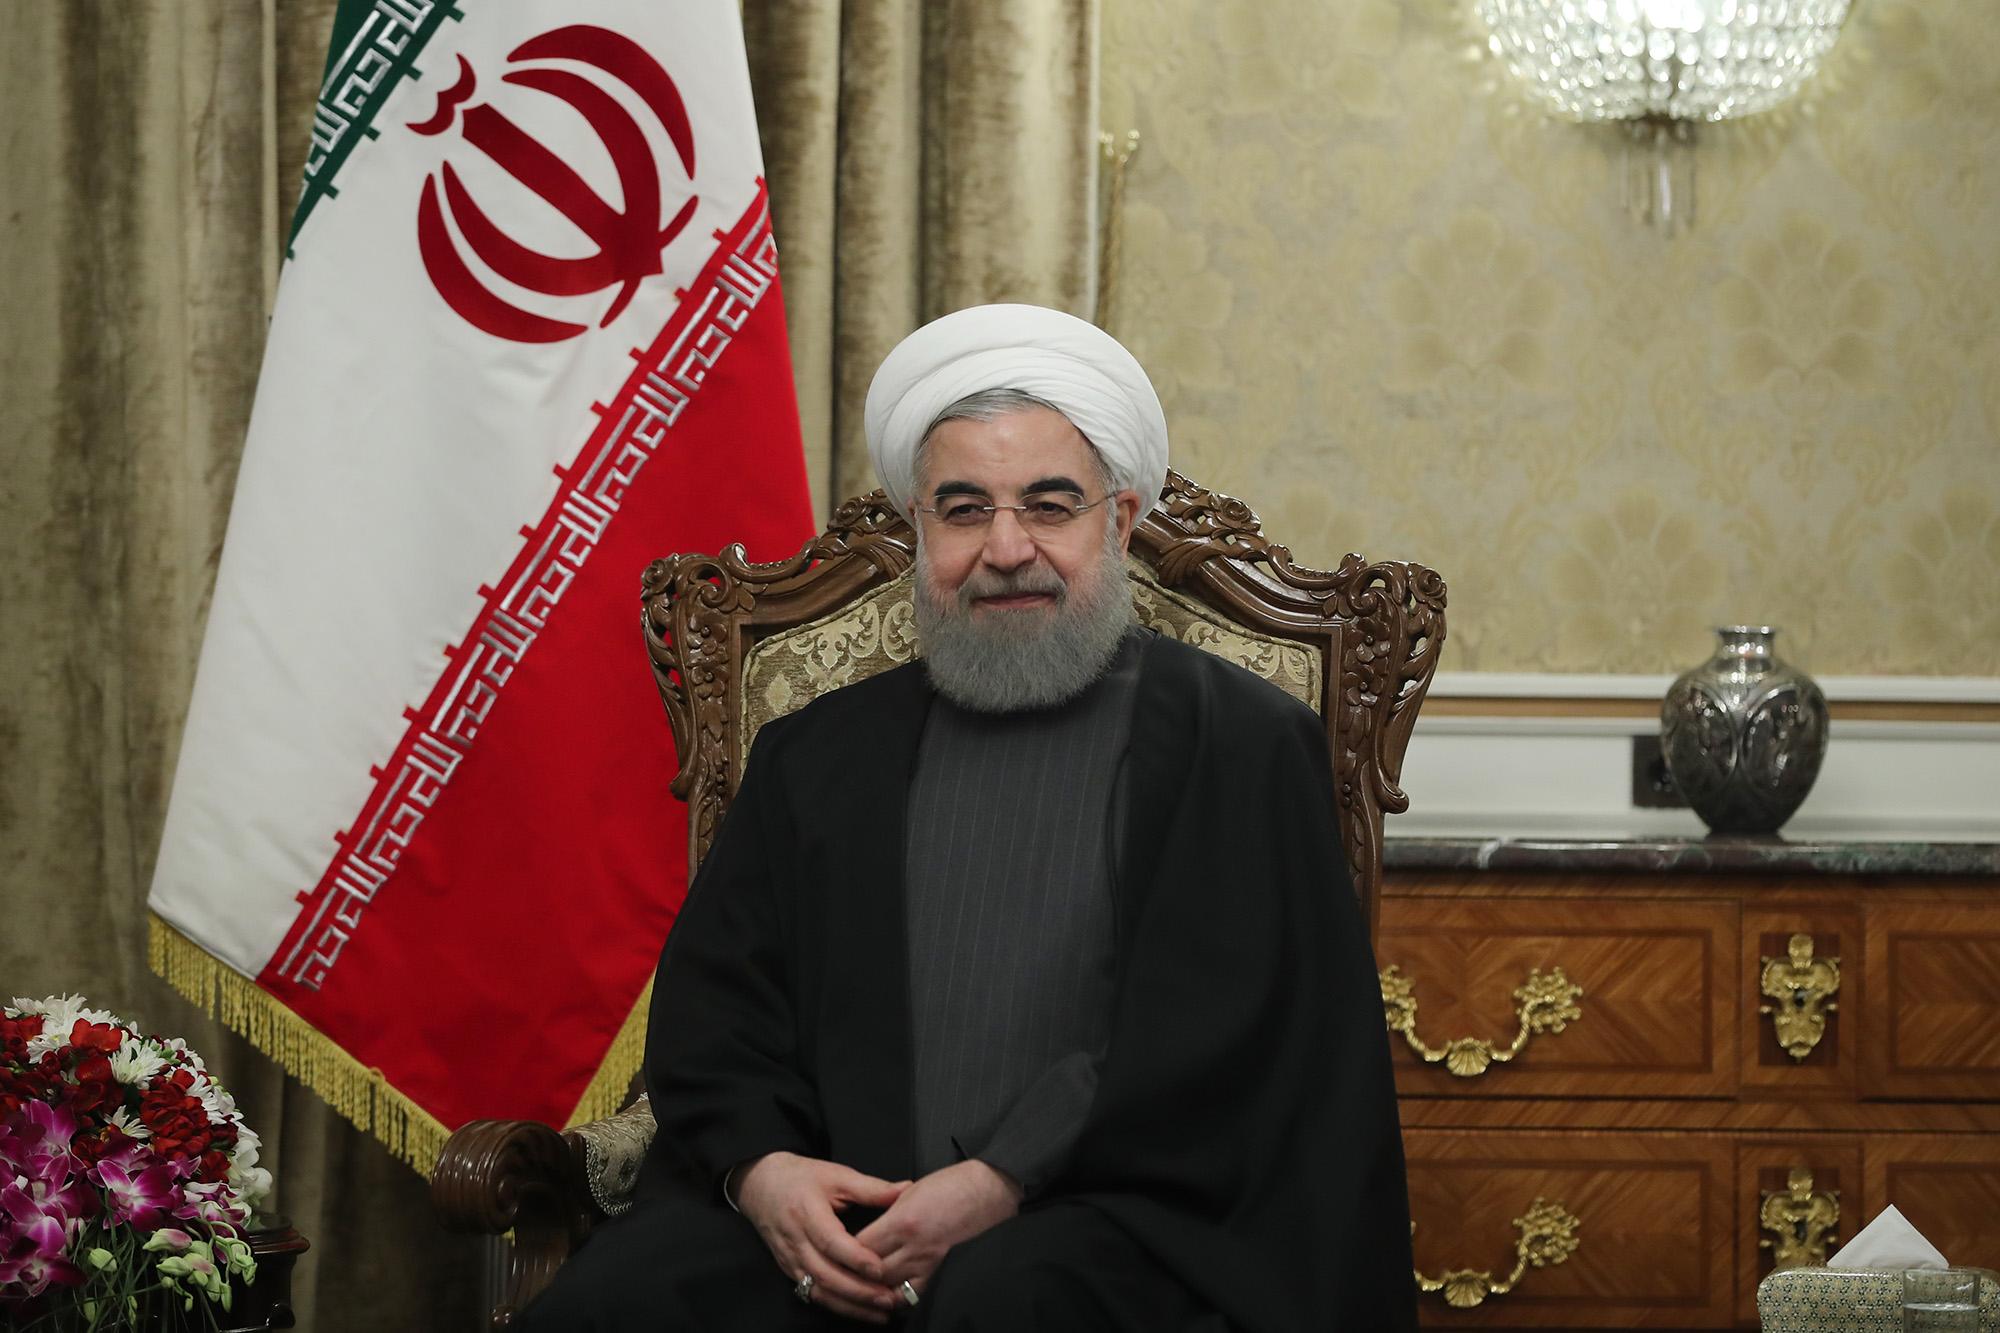 در شرایط جاری، کشورهای اسلامی بیش از هر زمان نیاز به وحدت و همکاری دارند